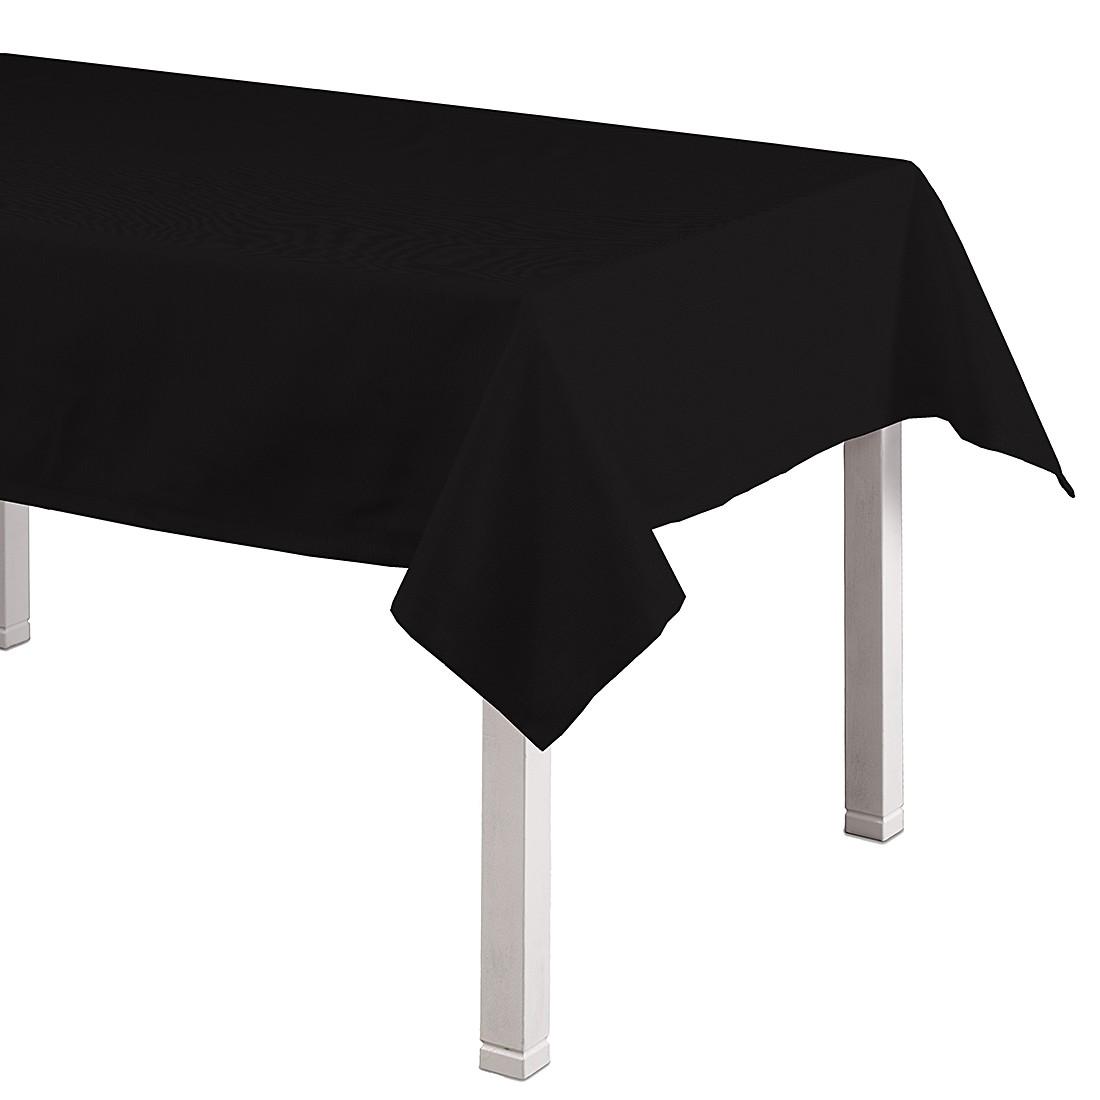 Tischdecke Cotton Panama – Schwarz – 130 x 180 cm, Dekoria online bestellen